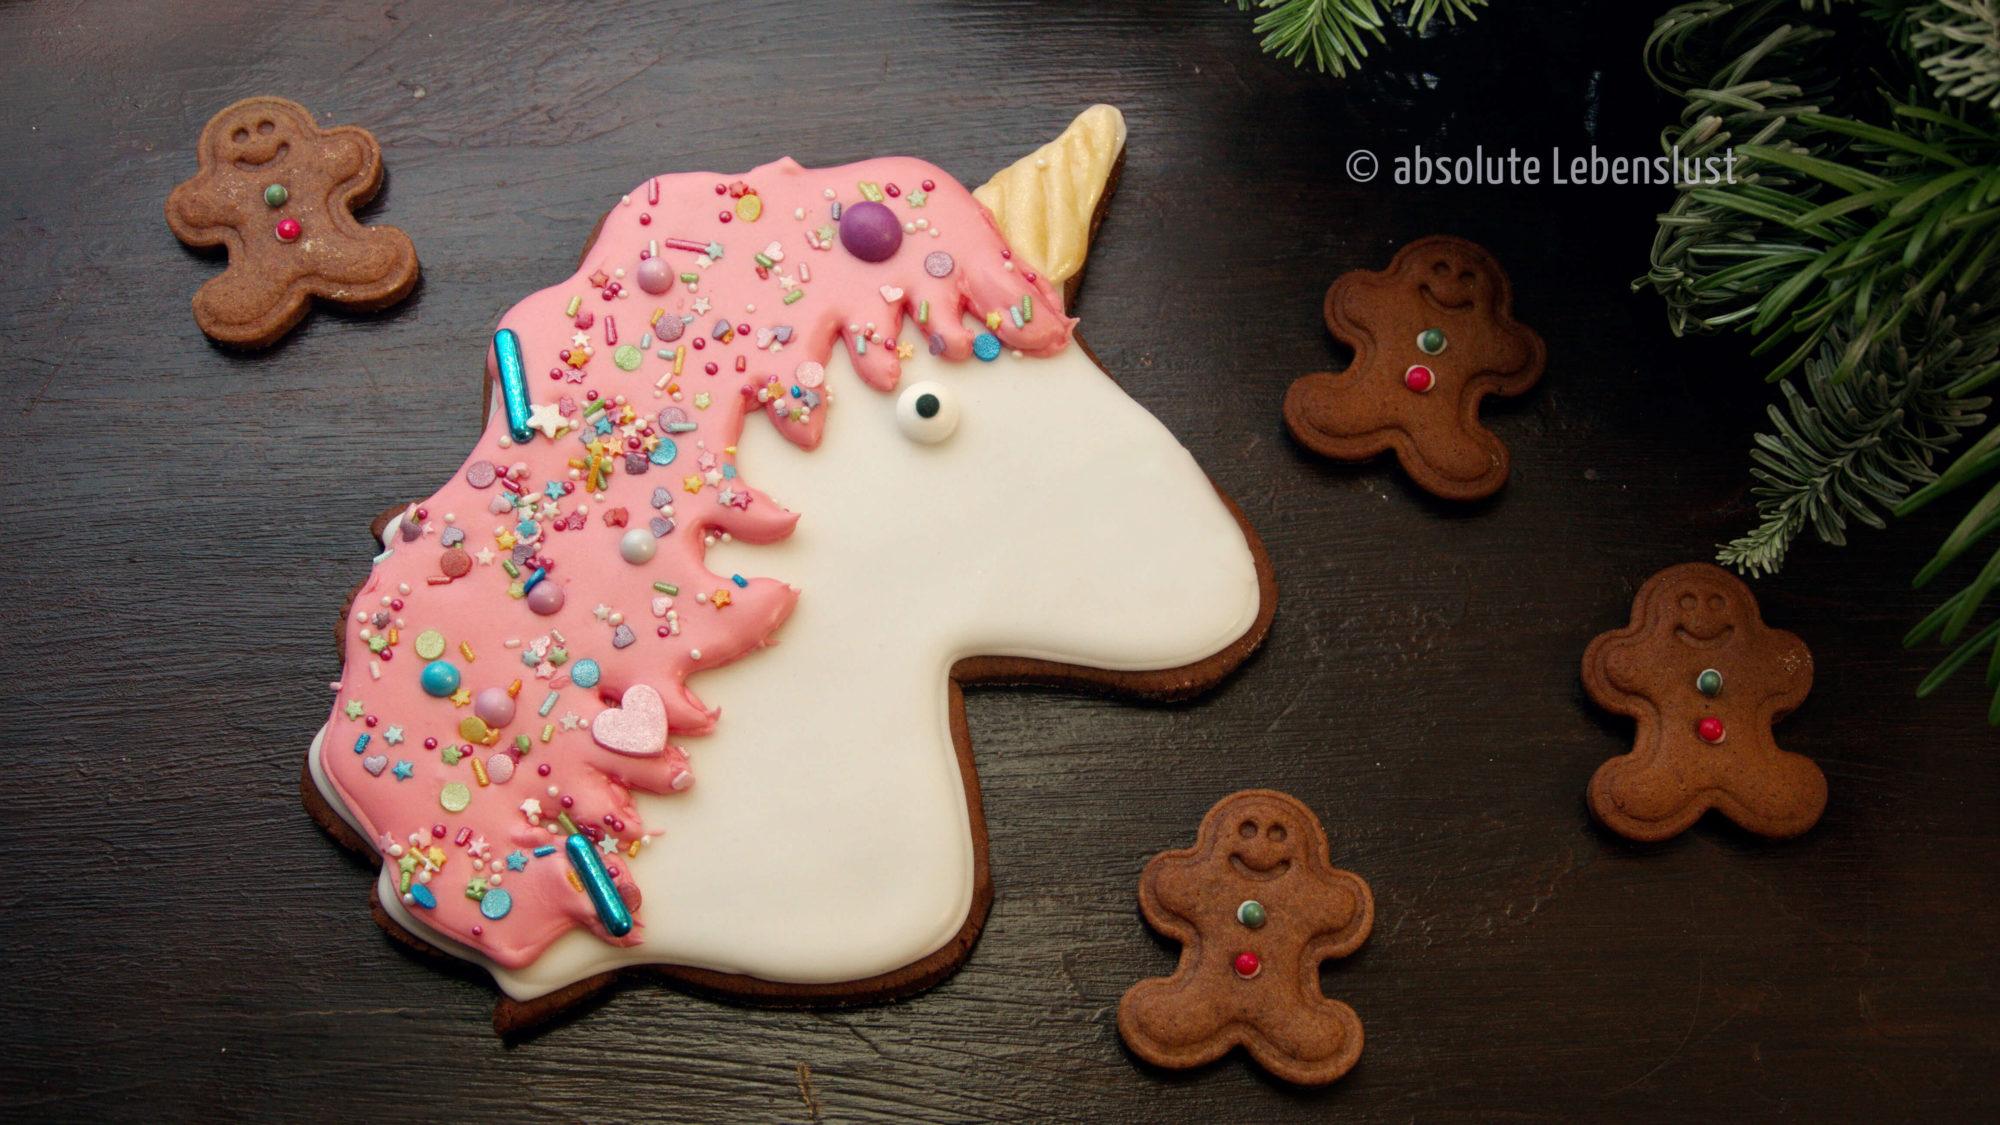 lebkuchen männchen, weihnachtsgeschenke, selber machen, geschenke, für, oma, opa, freundin, geschwister, mama, papa, freundin